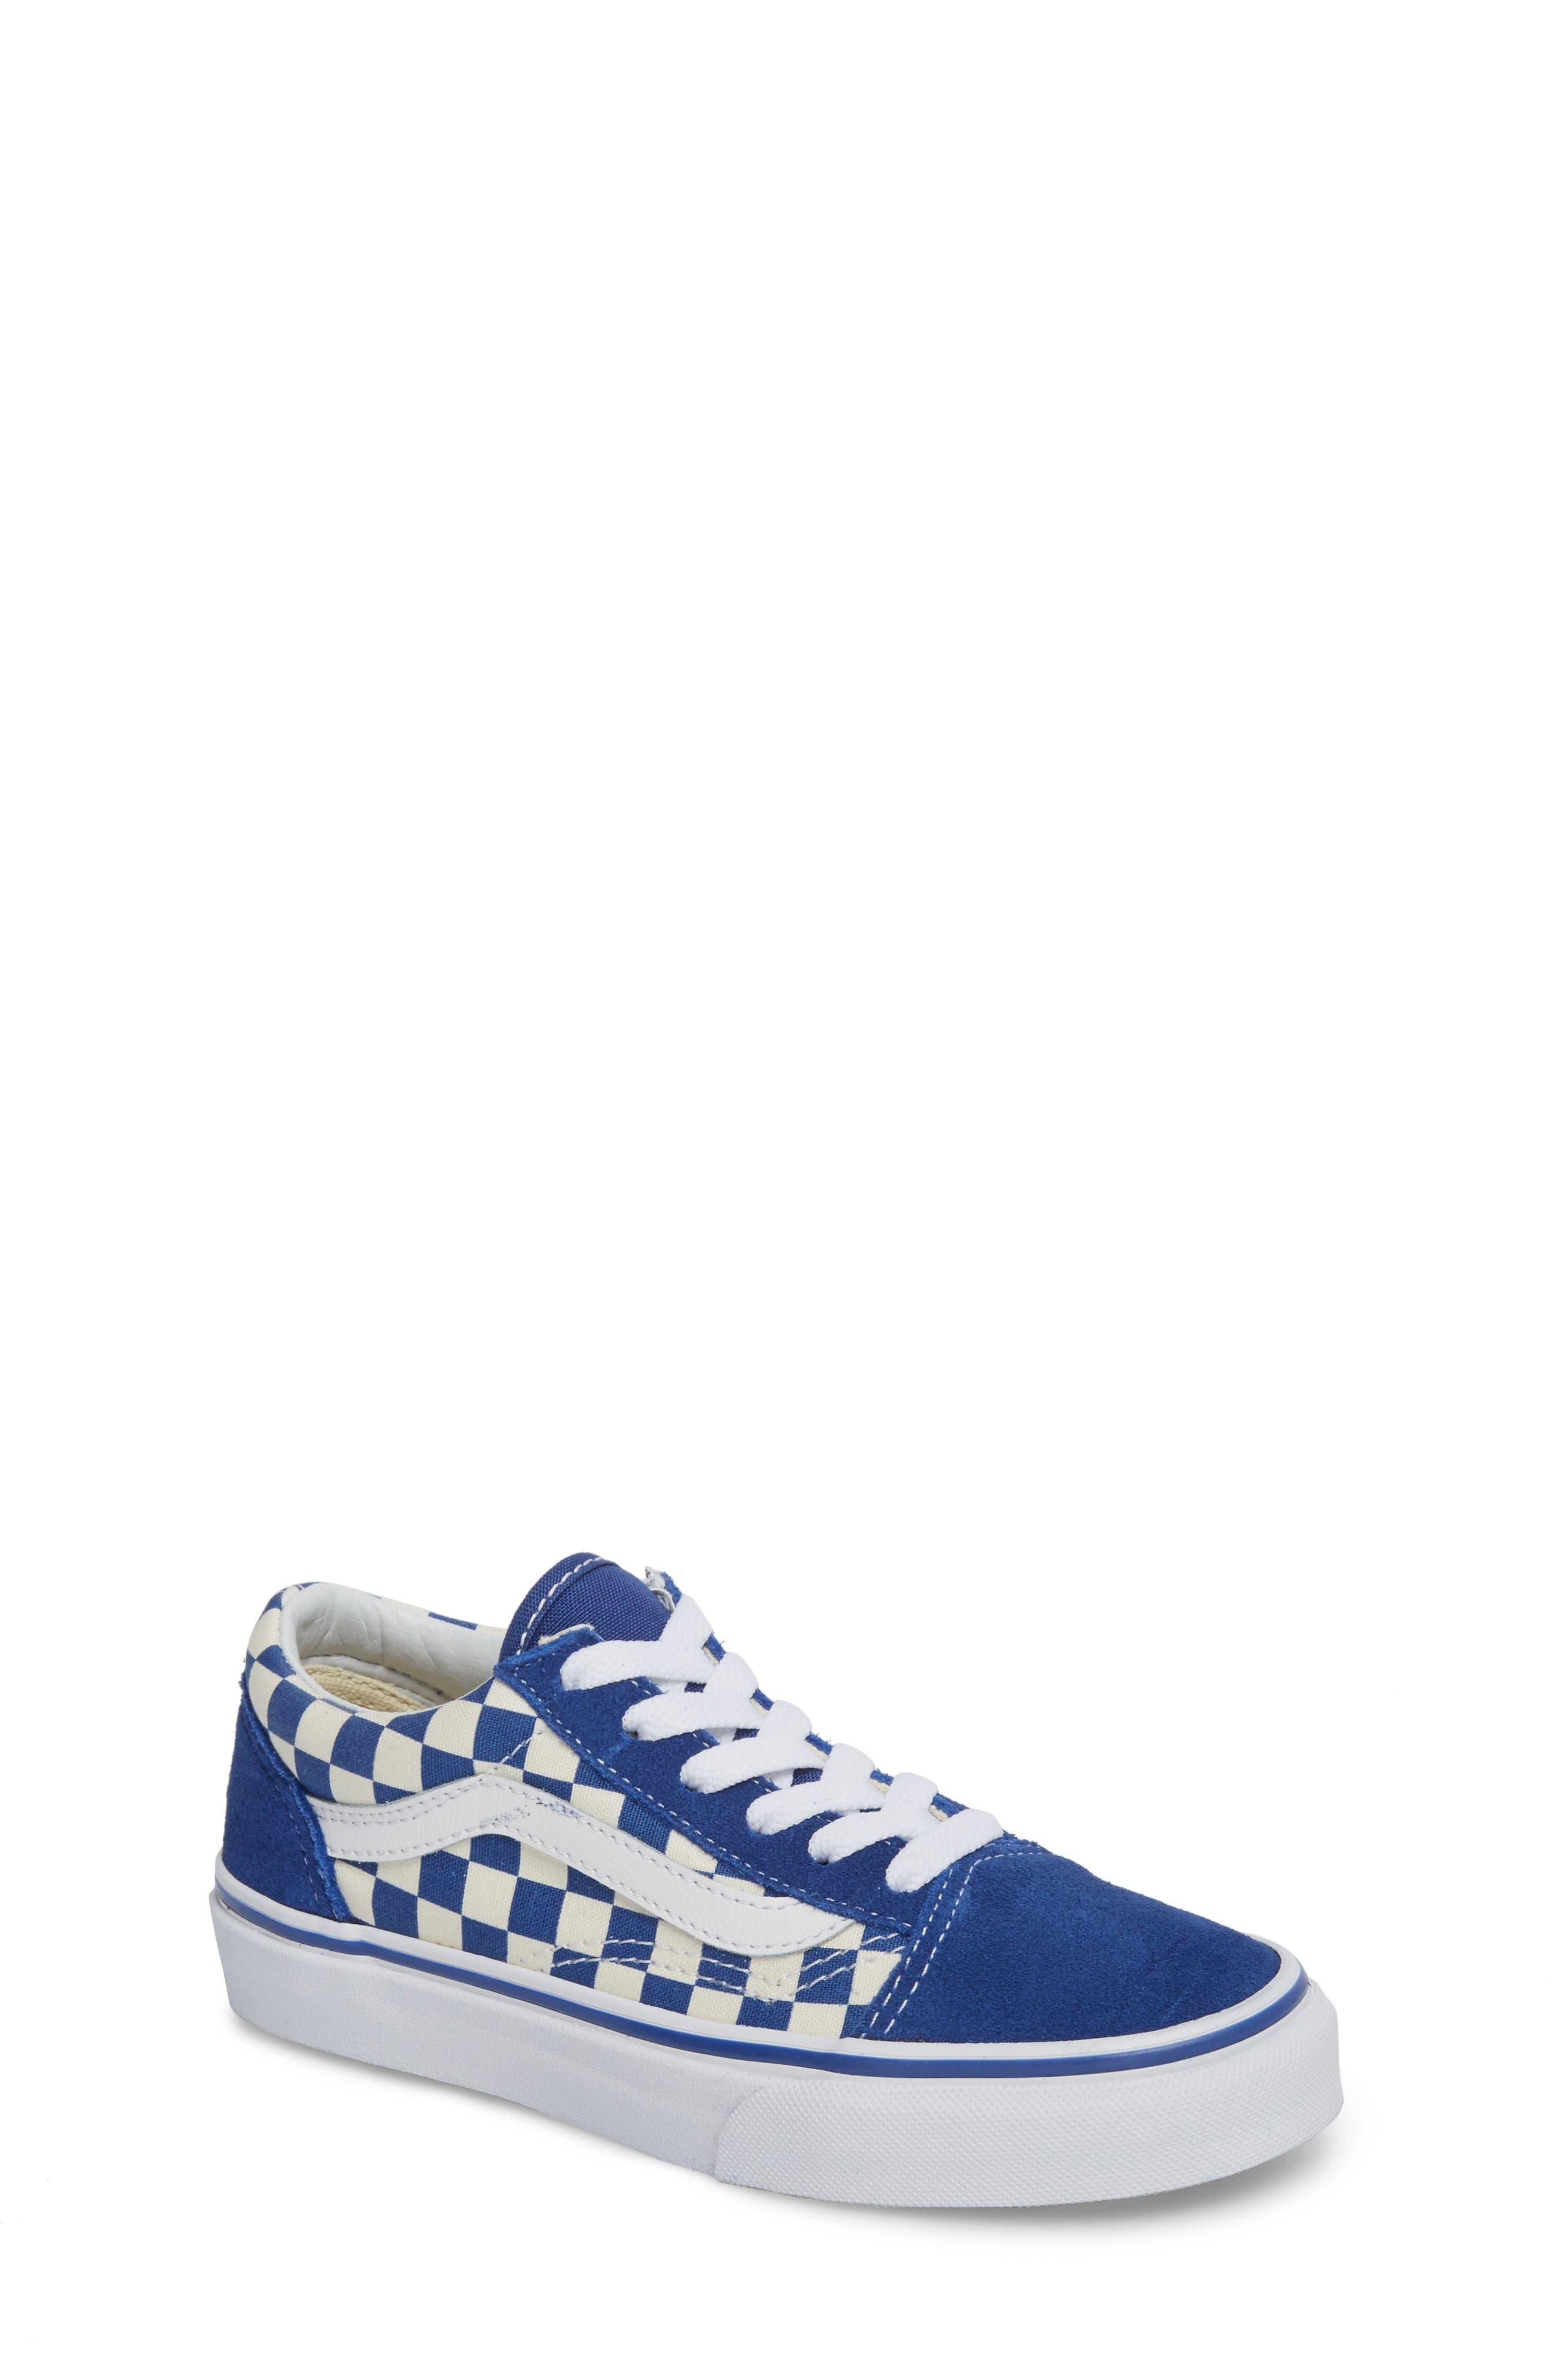 Vans Old Skool Sneaker (Toddler, Little Kid & Big Kid)